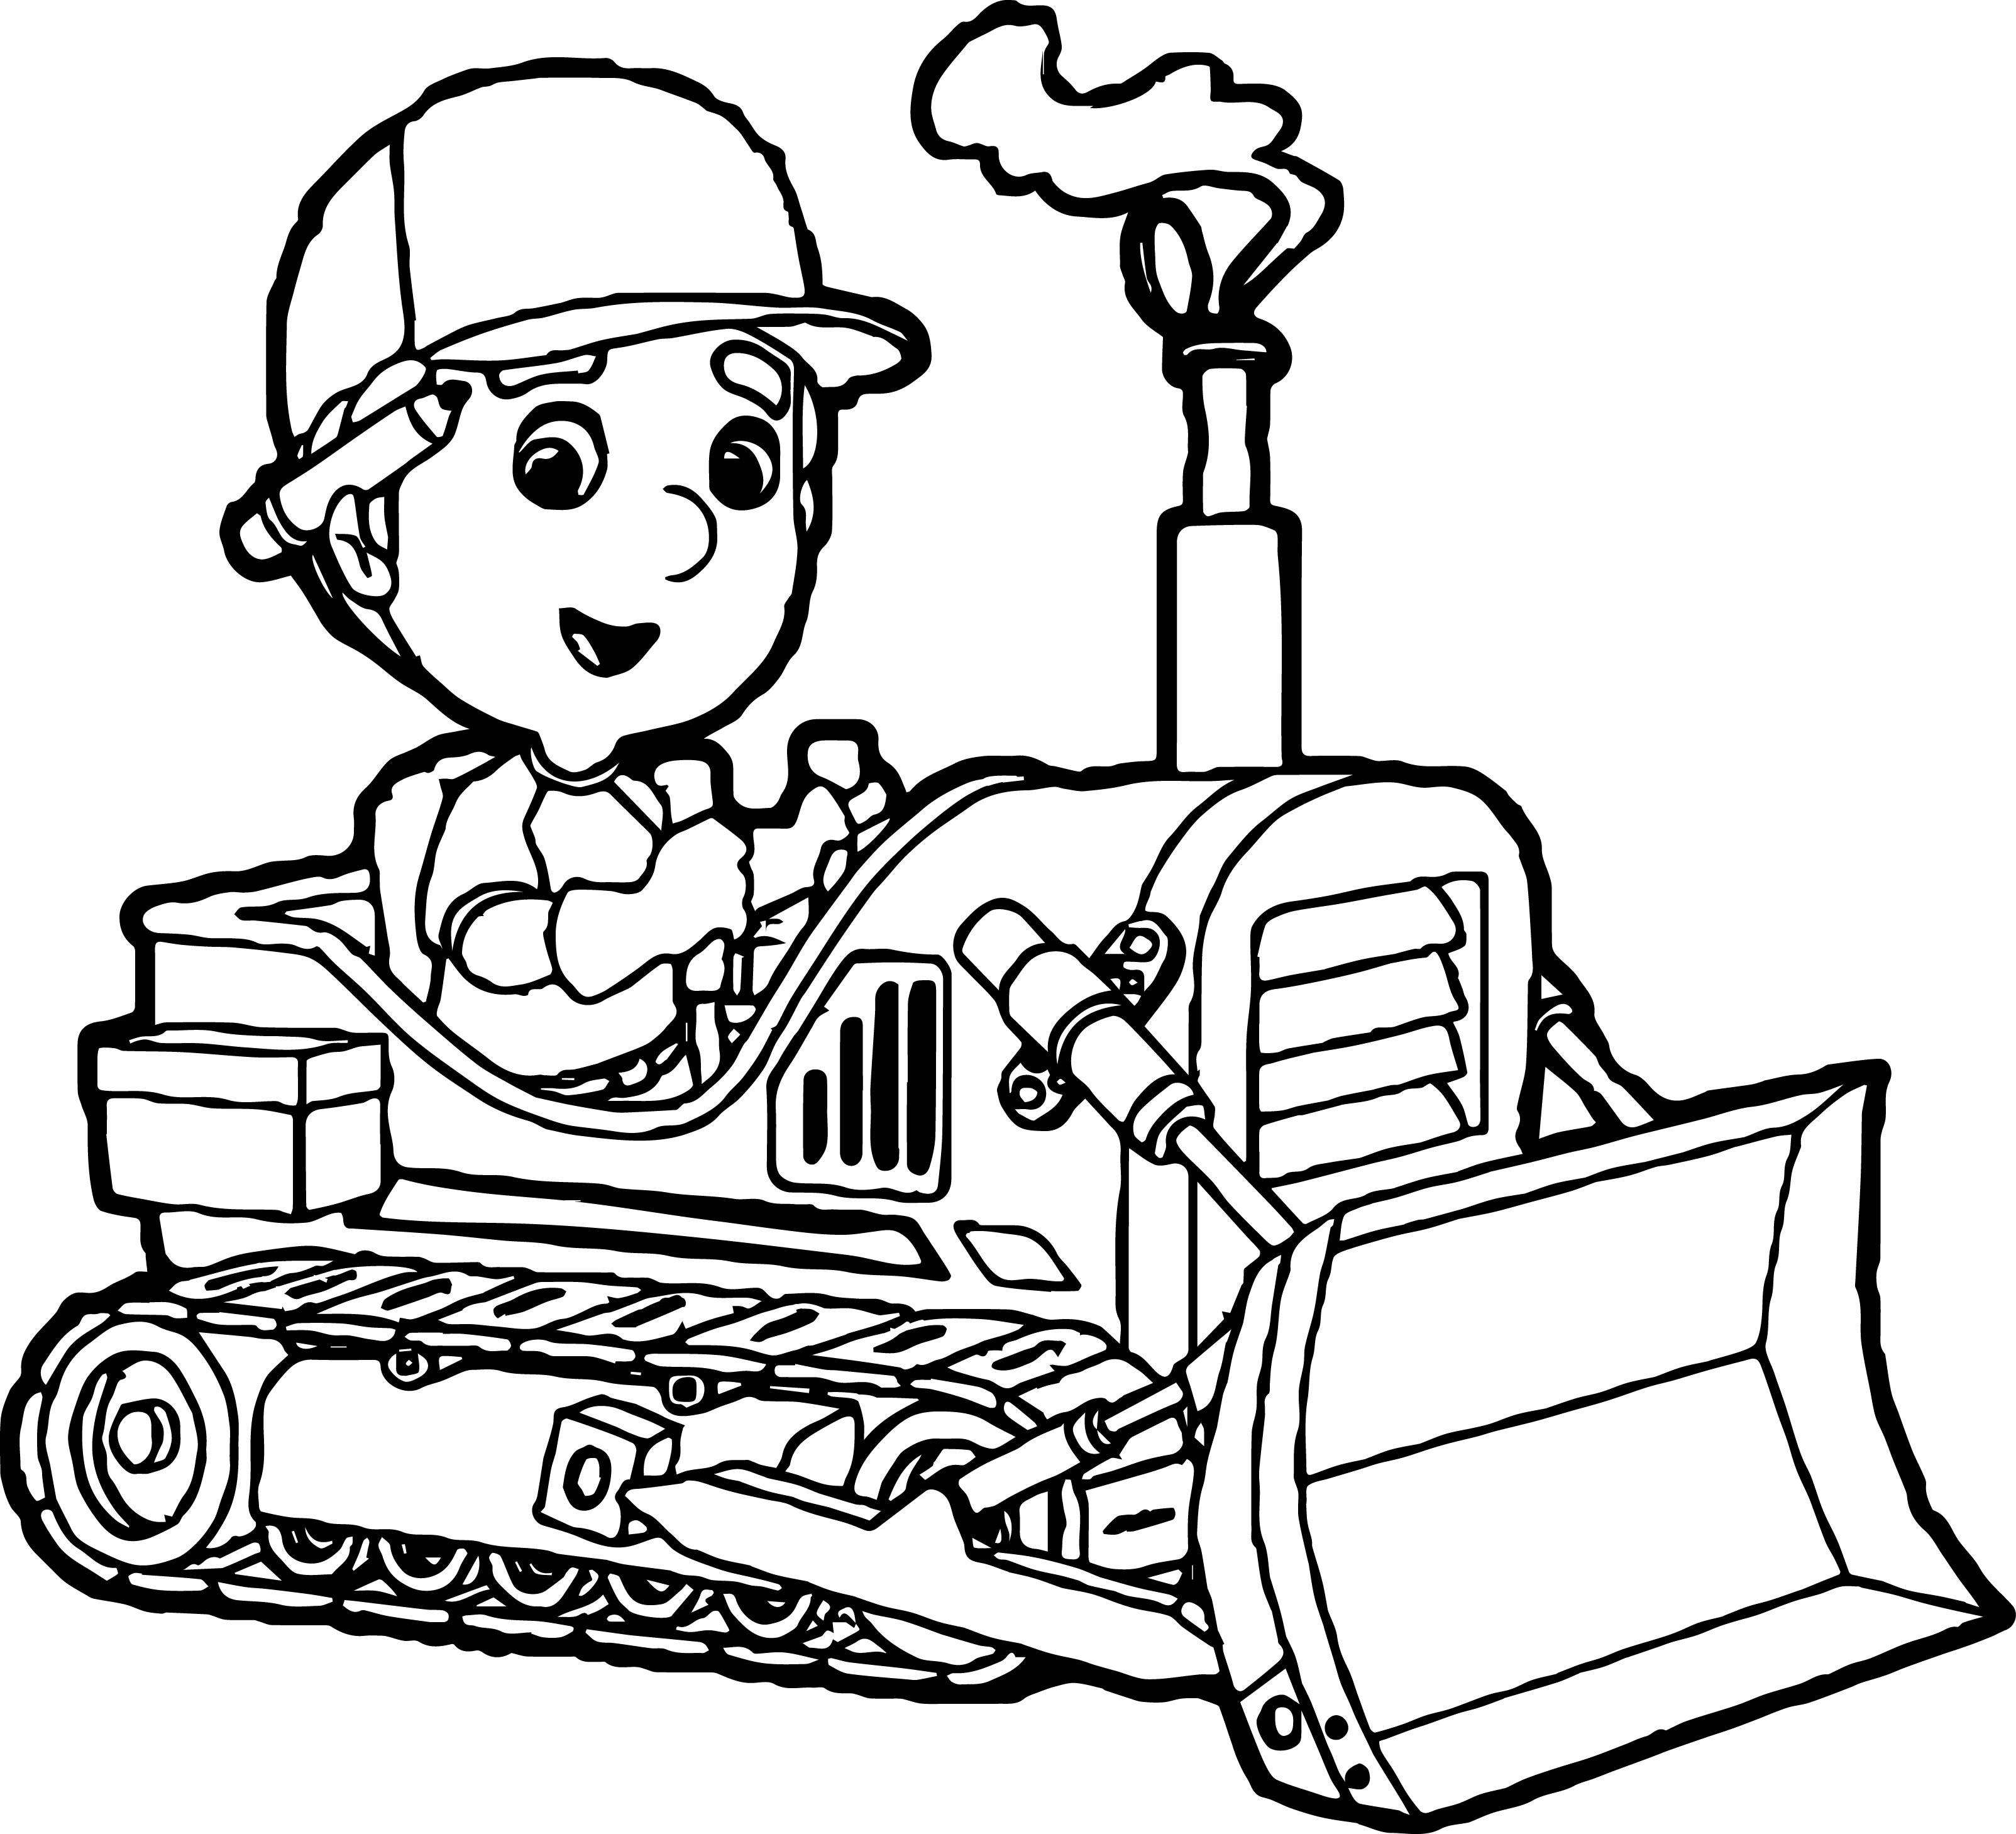 bulldozer pictures to color bulldozer colouring pages sketch coloring page to color bulldozer pictures